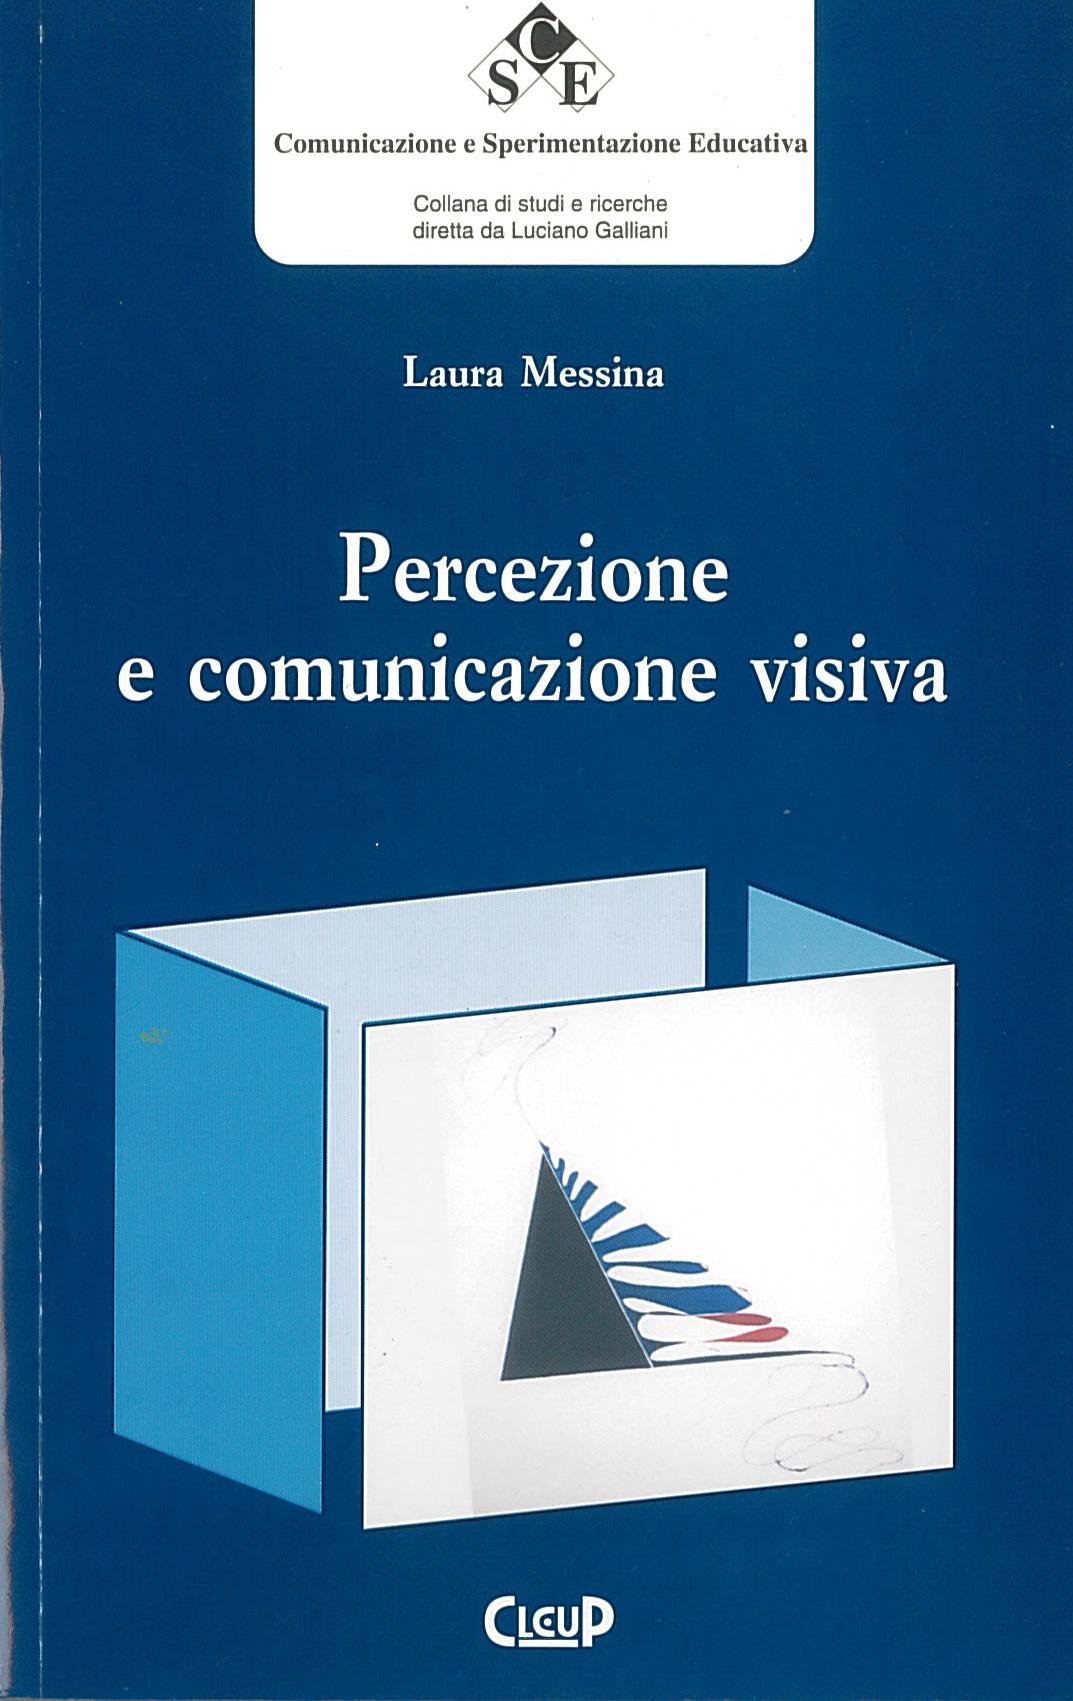 Percezione e comunicazione visiva